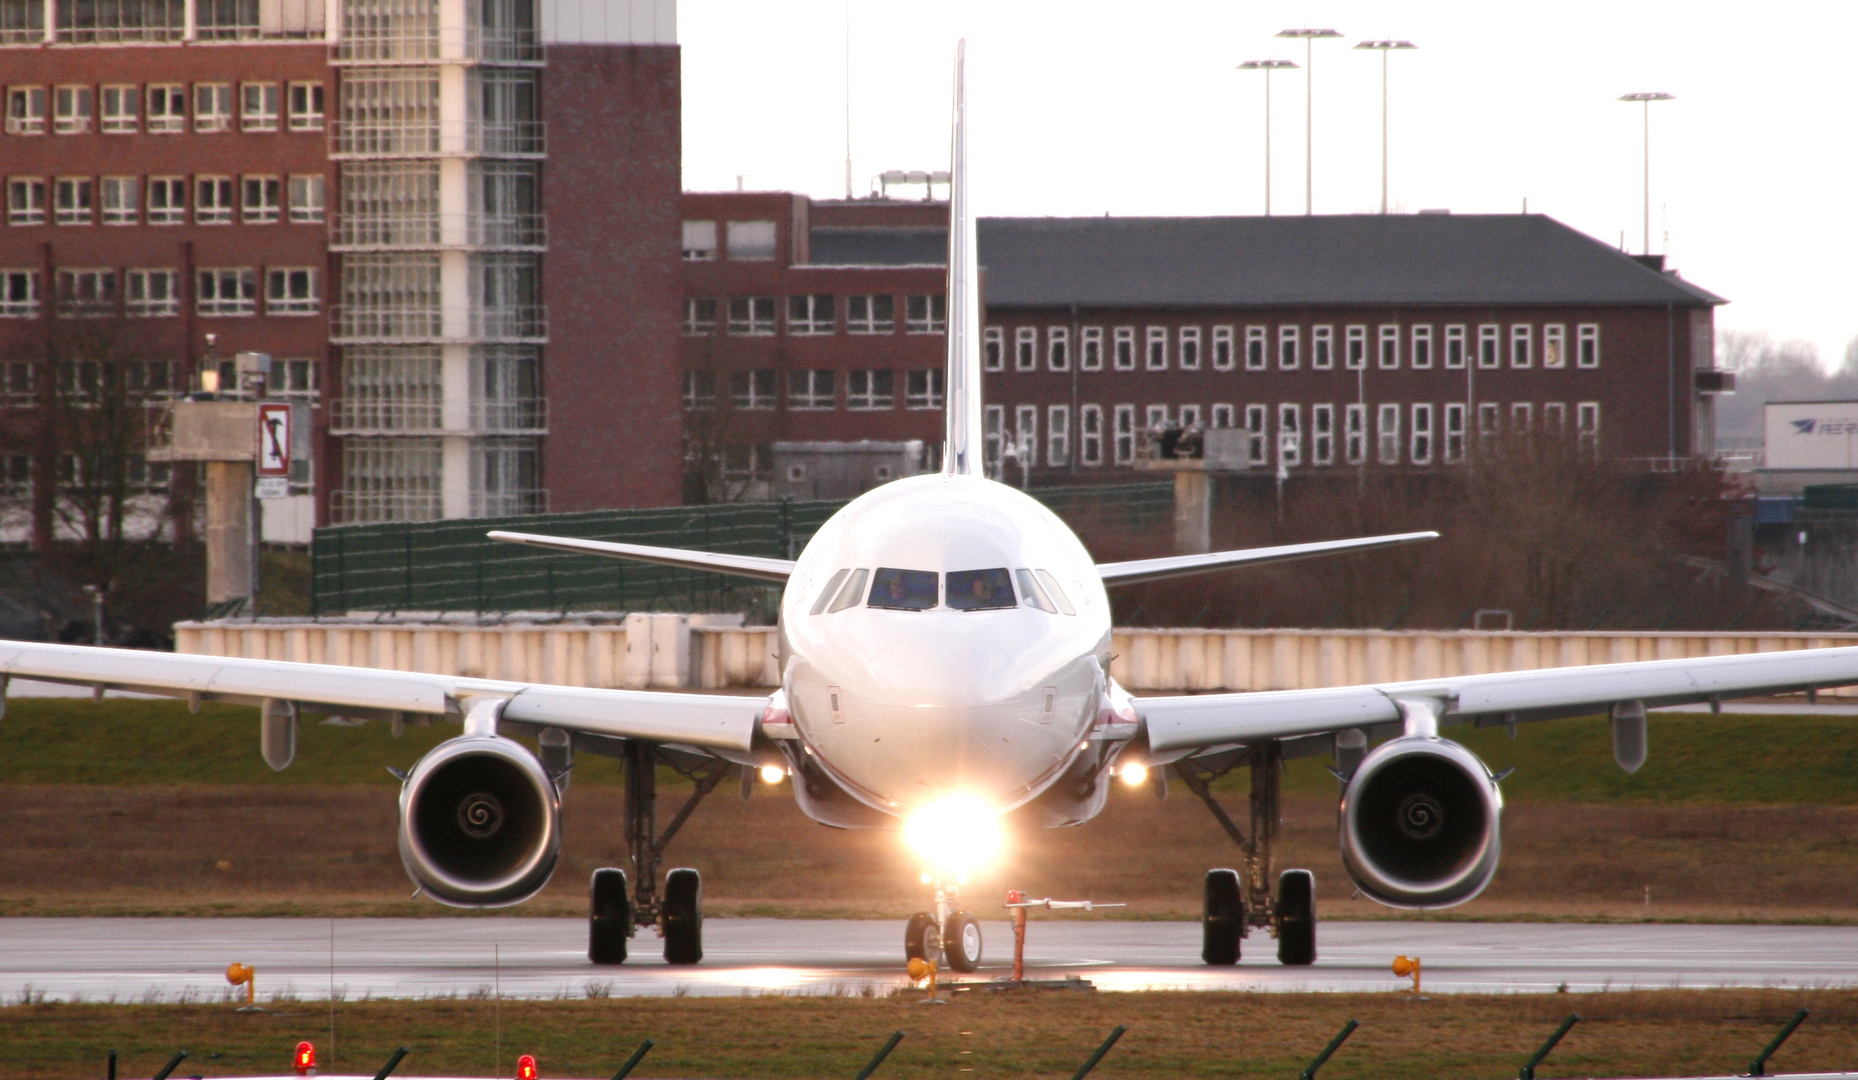 U.S. Airways. Finkenwerder 30.12.2011